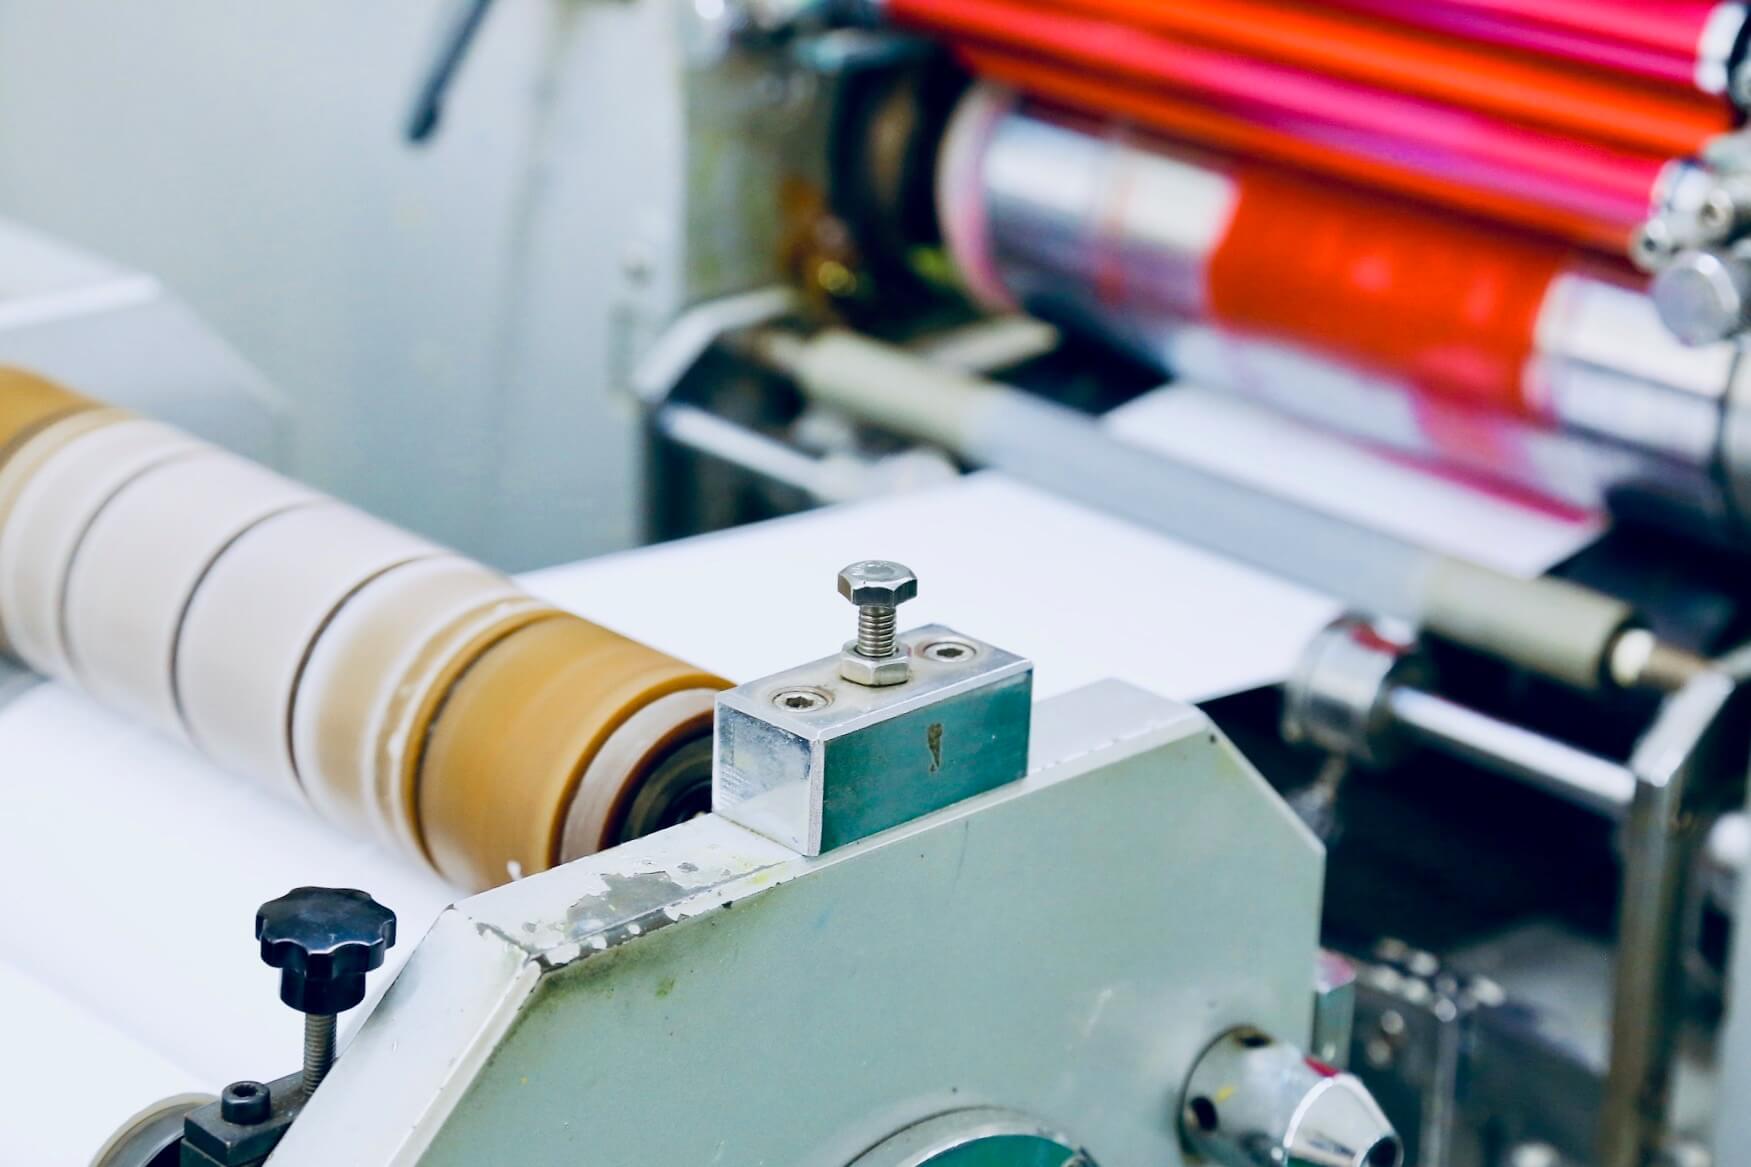 офсетная и цифровая печать разница